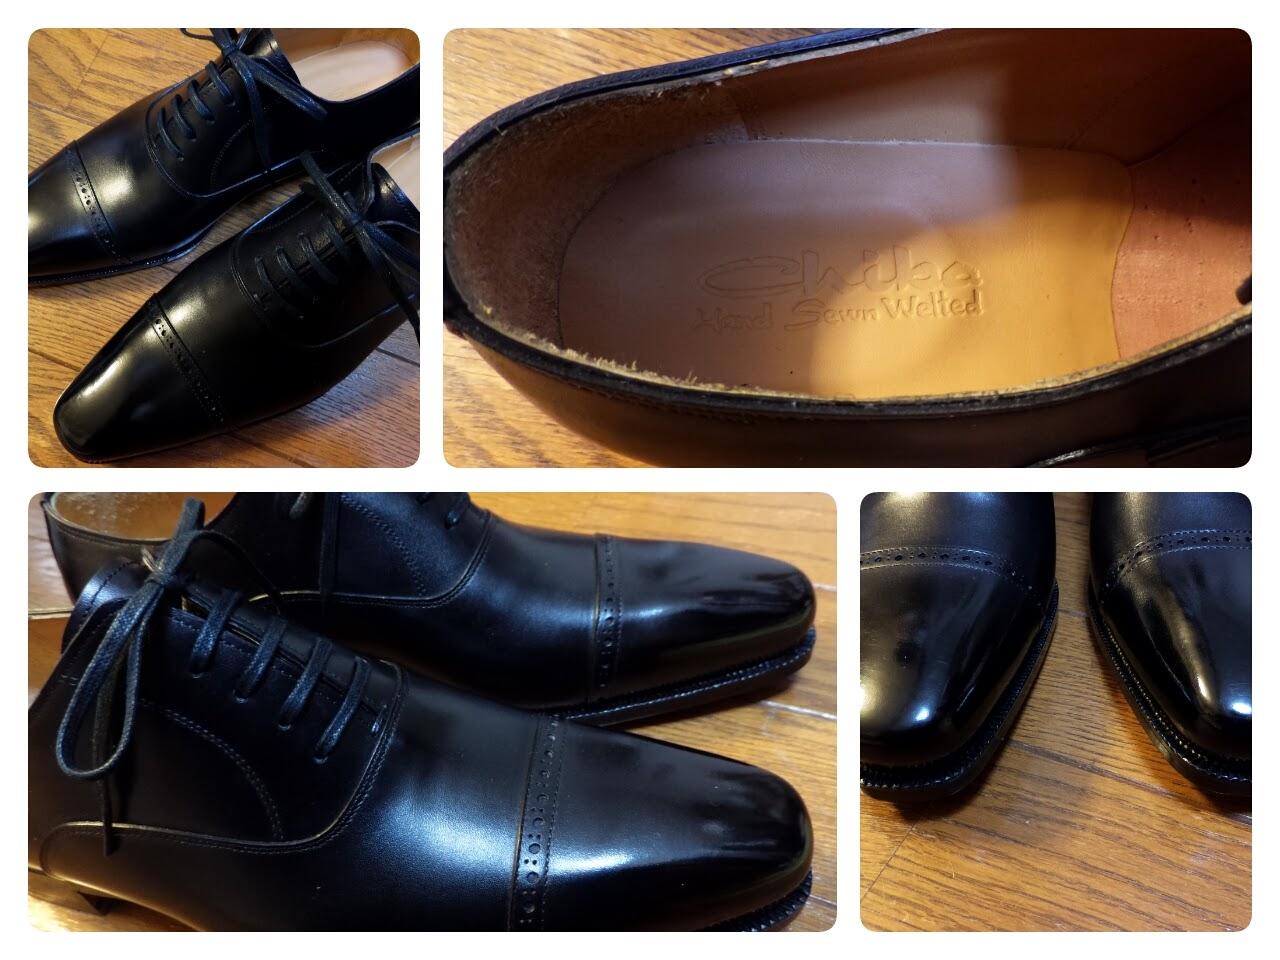 [1178-201602] 千葉刑務所謹製 ハンドソーン・ウェルテッド製法 紳士靴。その先に勝手にこの靴を作られた受刑者の姿を感じる。自己満足だとは分かりながら。